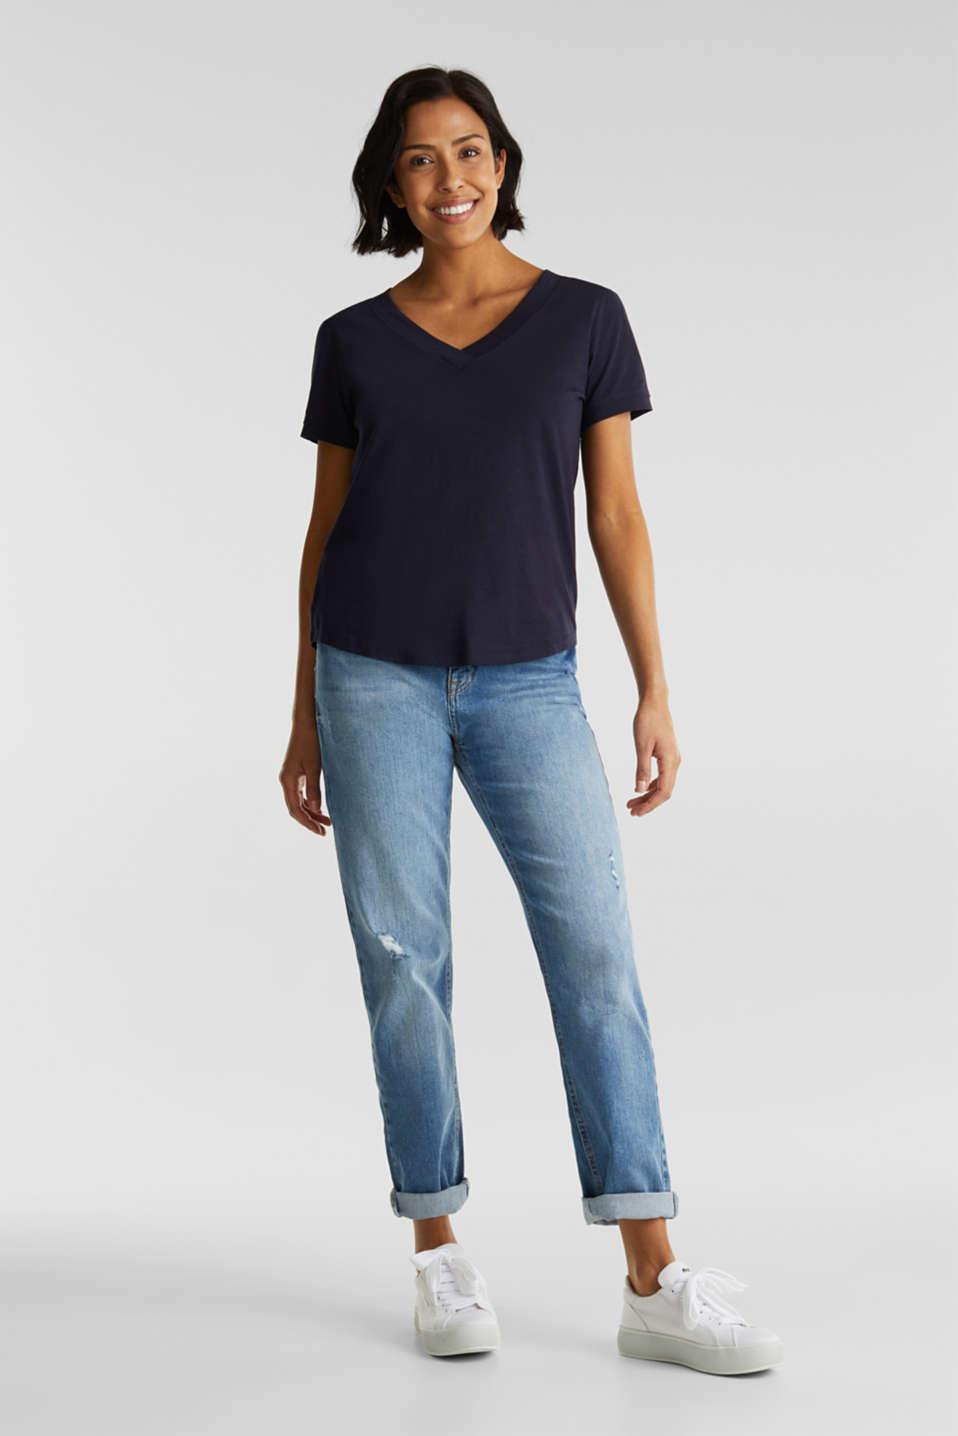 V-neck top, 100% cotton, NAVY, detail image number 1